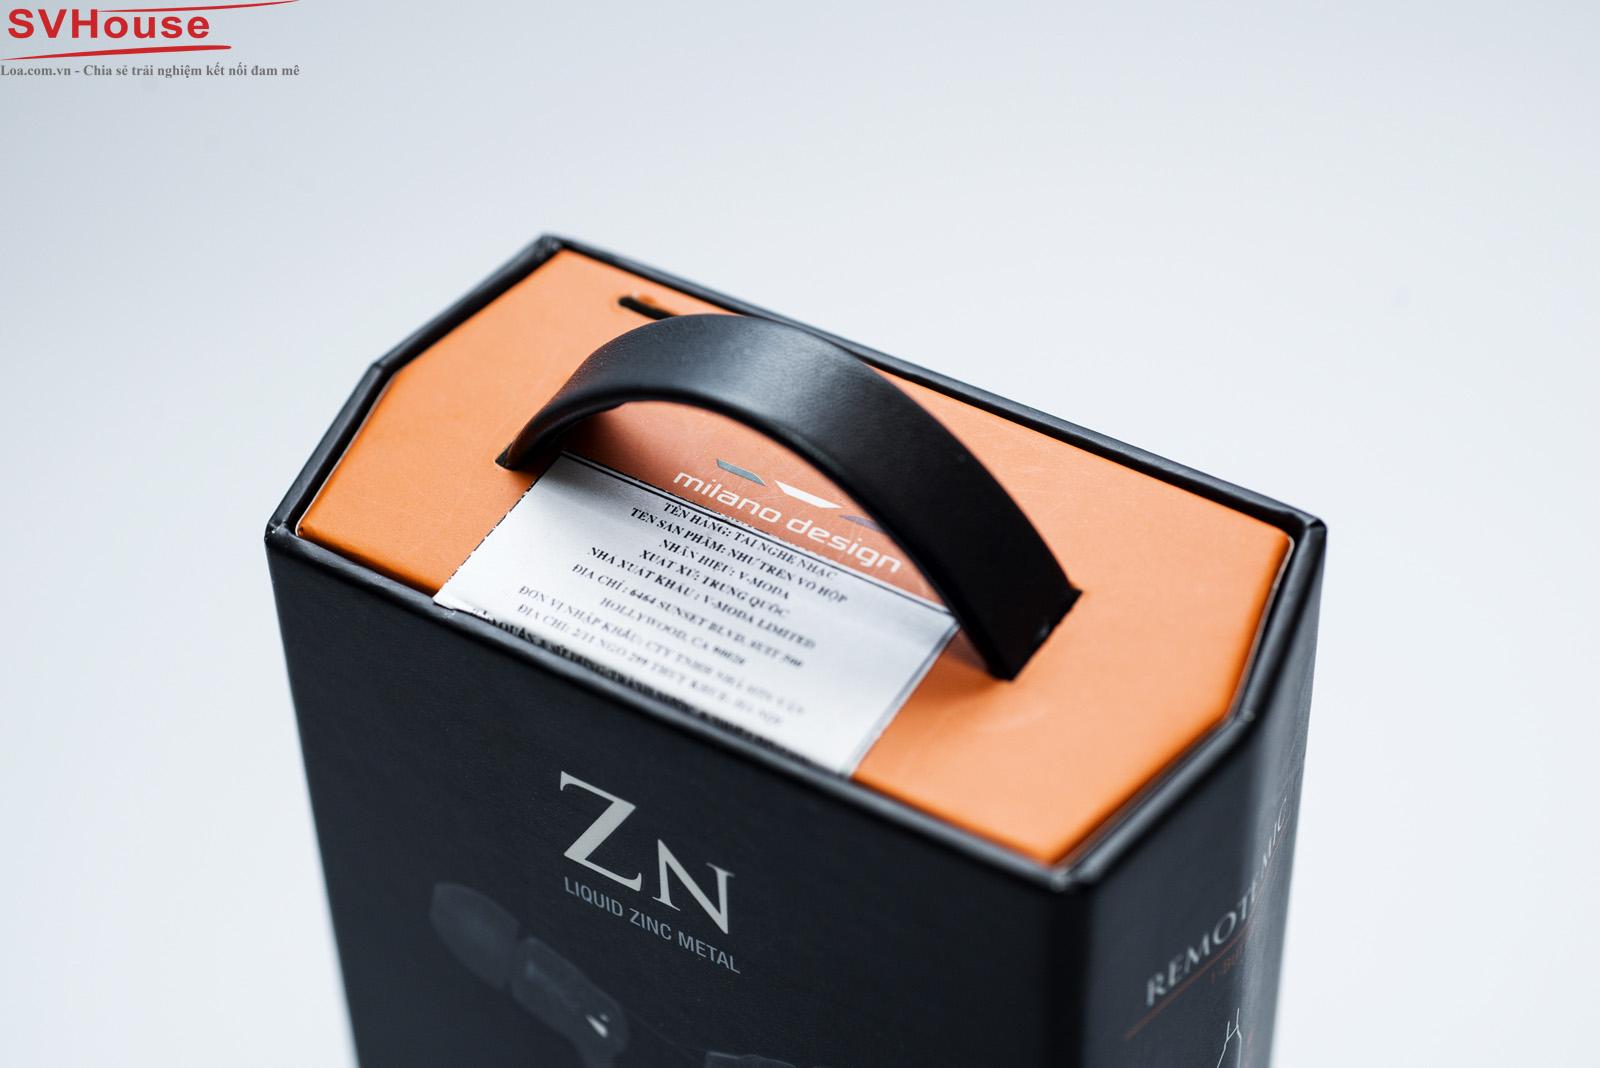 """Vẫn là ngôn ngữ thiết kế """"milano"""" vô cùng đặc sắc nhưng trong lần này màu sắc của hộp đã tạo nên sự khác biệt hơn với tông """"black-orange"""""""